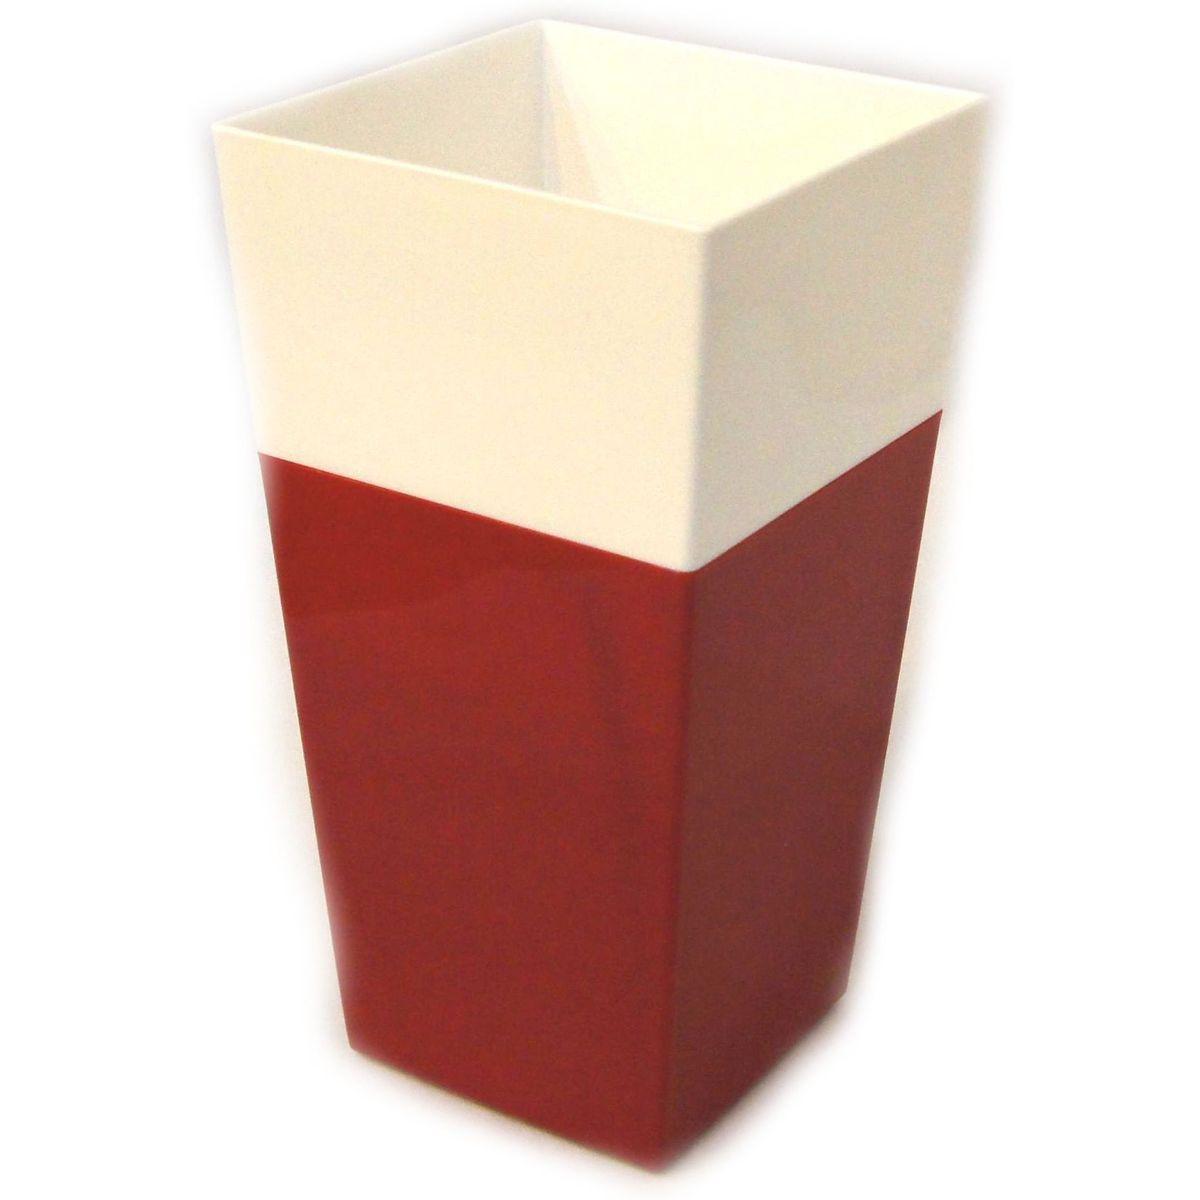 Кашпо JetPlast Дуэт, цвет: красный, белый, высота 34 см531-101Кашпо имеет строгий дизайн и состоит из двух частей: верхней части для цветка и нижней – поддона. Конструкция горшка позволяет, при желании, использовать систему фитильного полива, снабдив горшок веревкой. Оно изготовлено из прочного полипропилена (пластика).Размеры кашпо: 18 х 18 х 34 см.